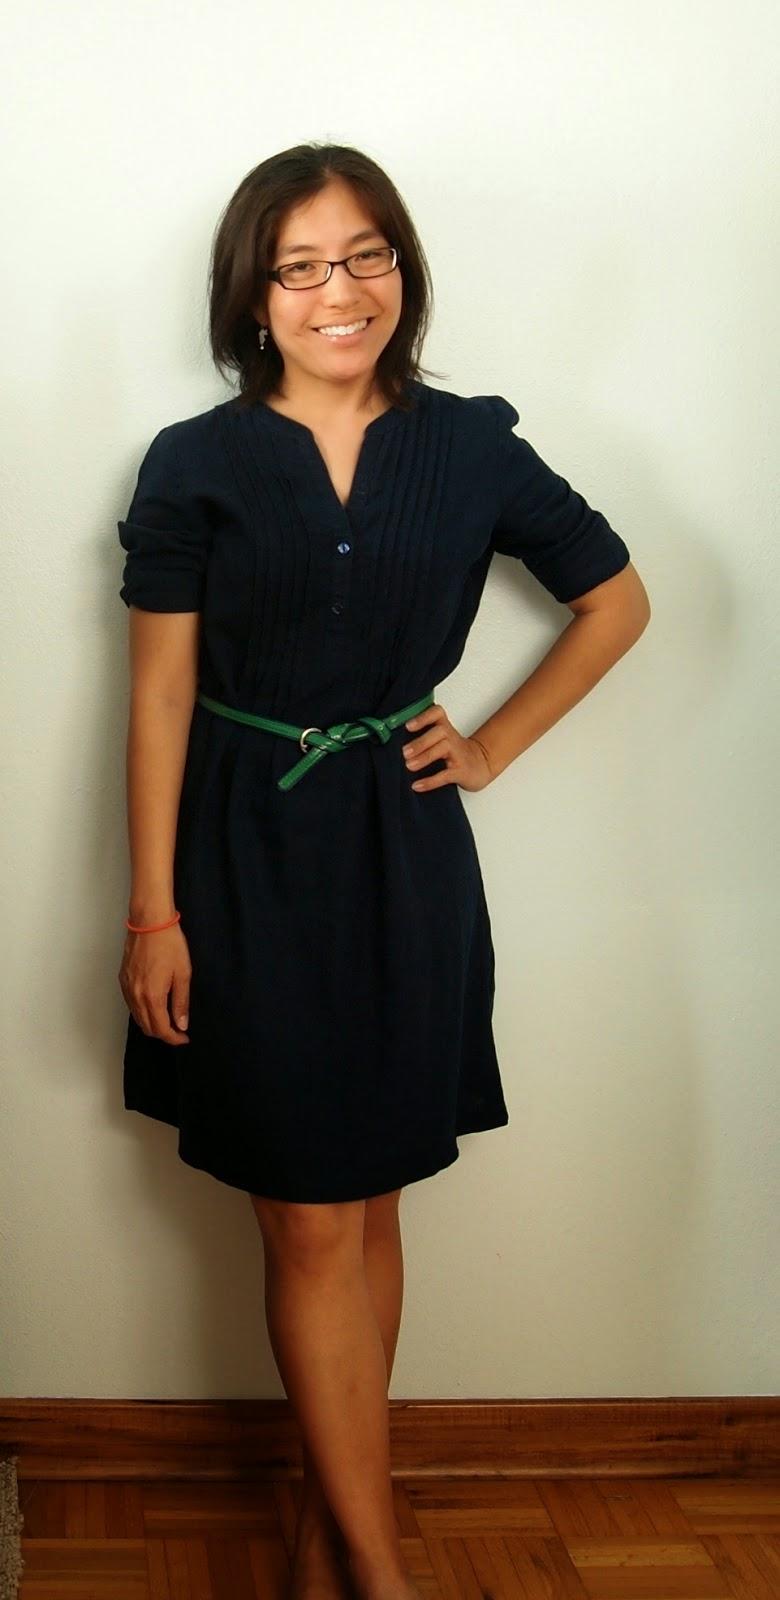 navy dress green belt teacher style teacher outfit